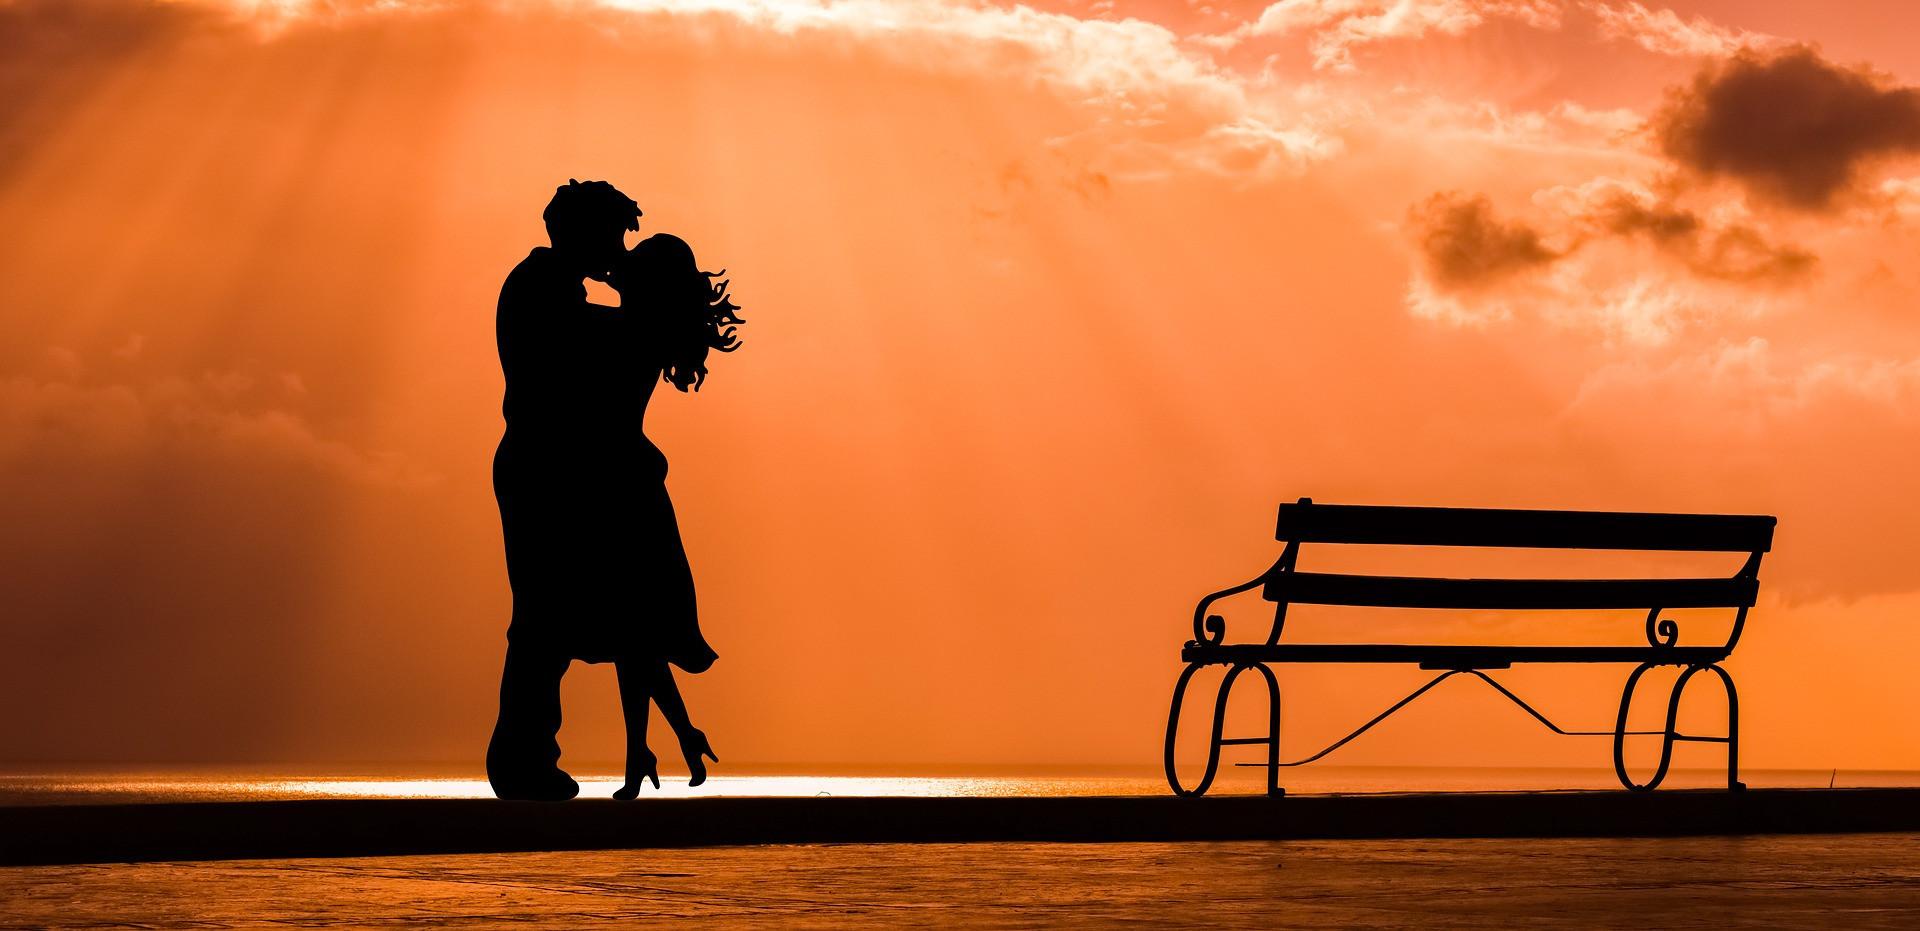 Стоит ли выходить замуж за Водолея: гороскоп совместимости